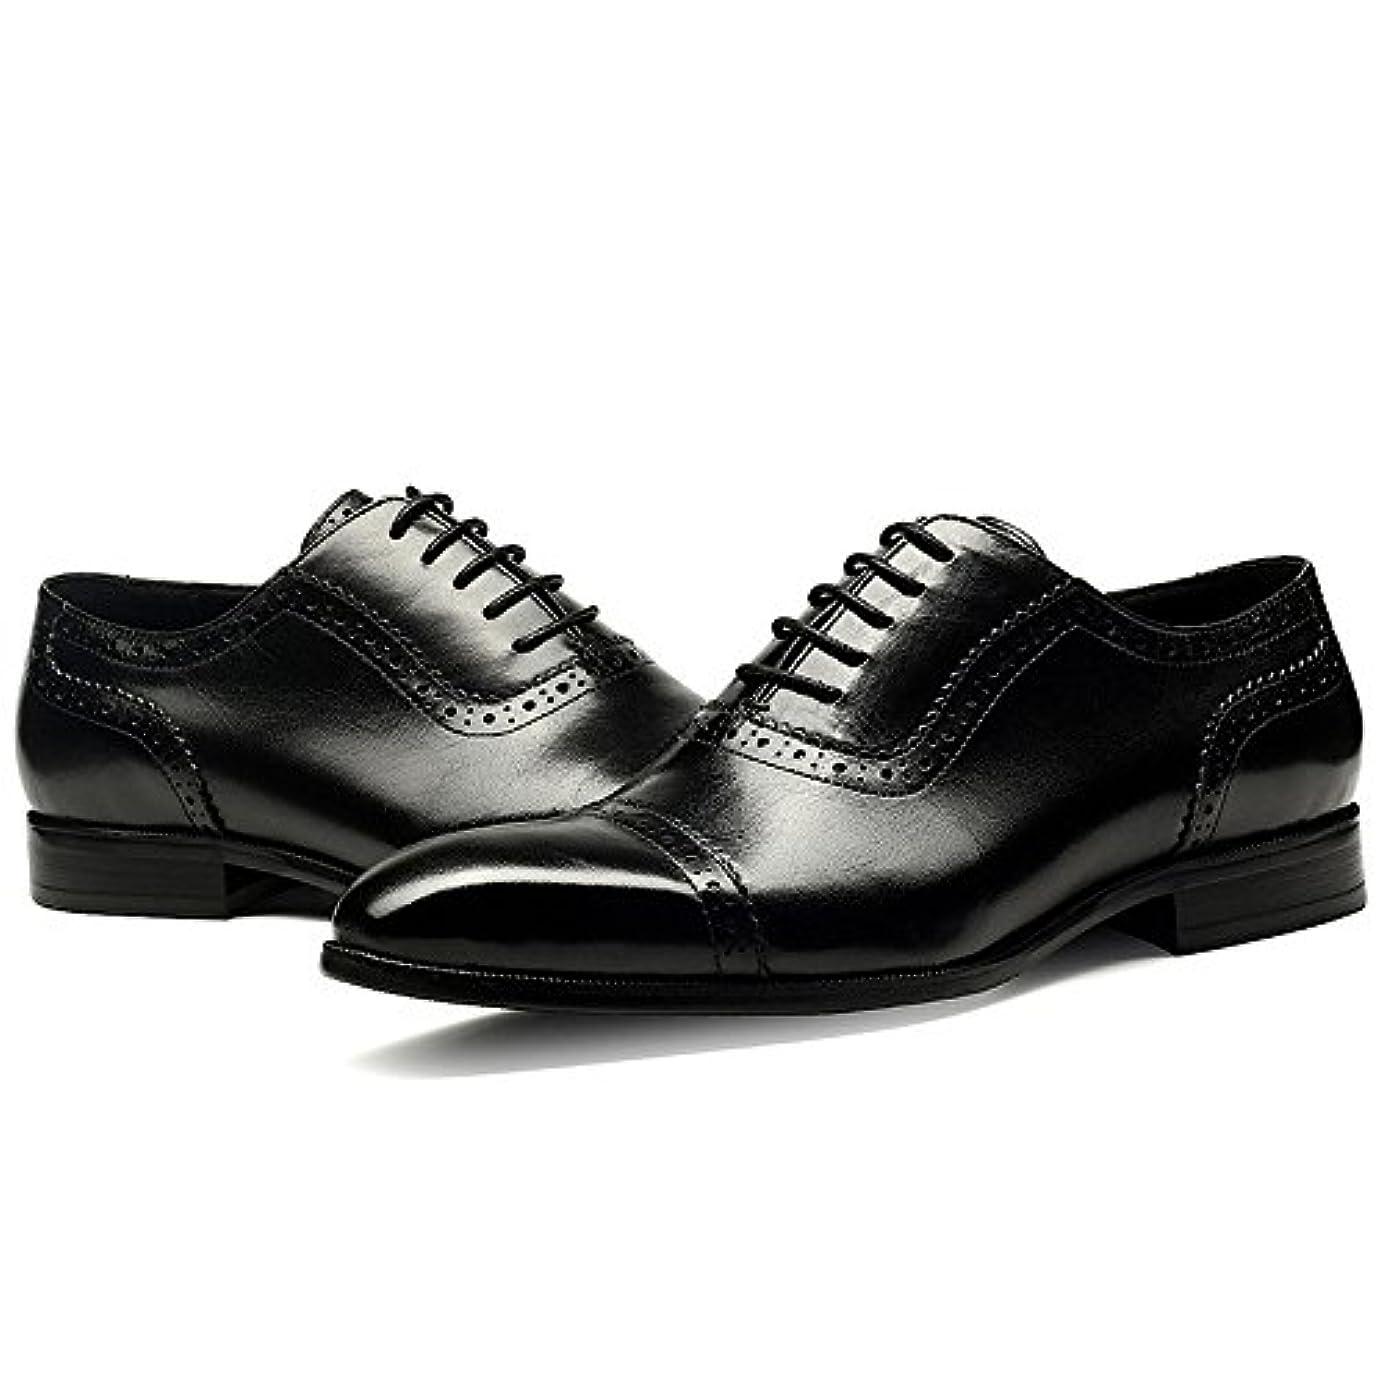 推進力有利広々とした高品質 本革 メンズ ビジネス レザーシューズ 革靴 紳士靴 通気性 空気循環 消臭 衝撃吸収 幅広 軽量 ビジネスシューズ ウォーキング リーガル 靴